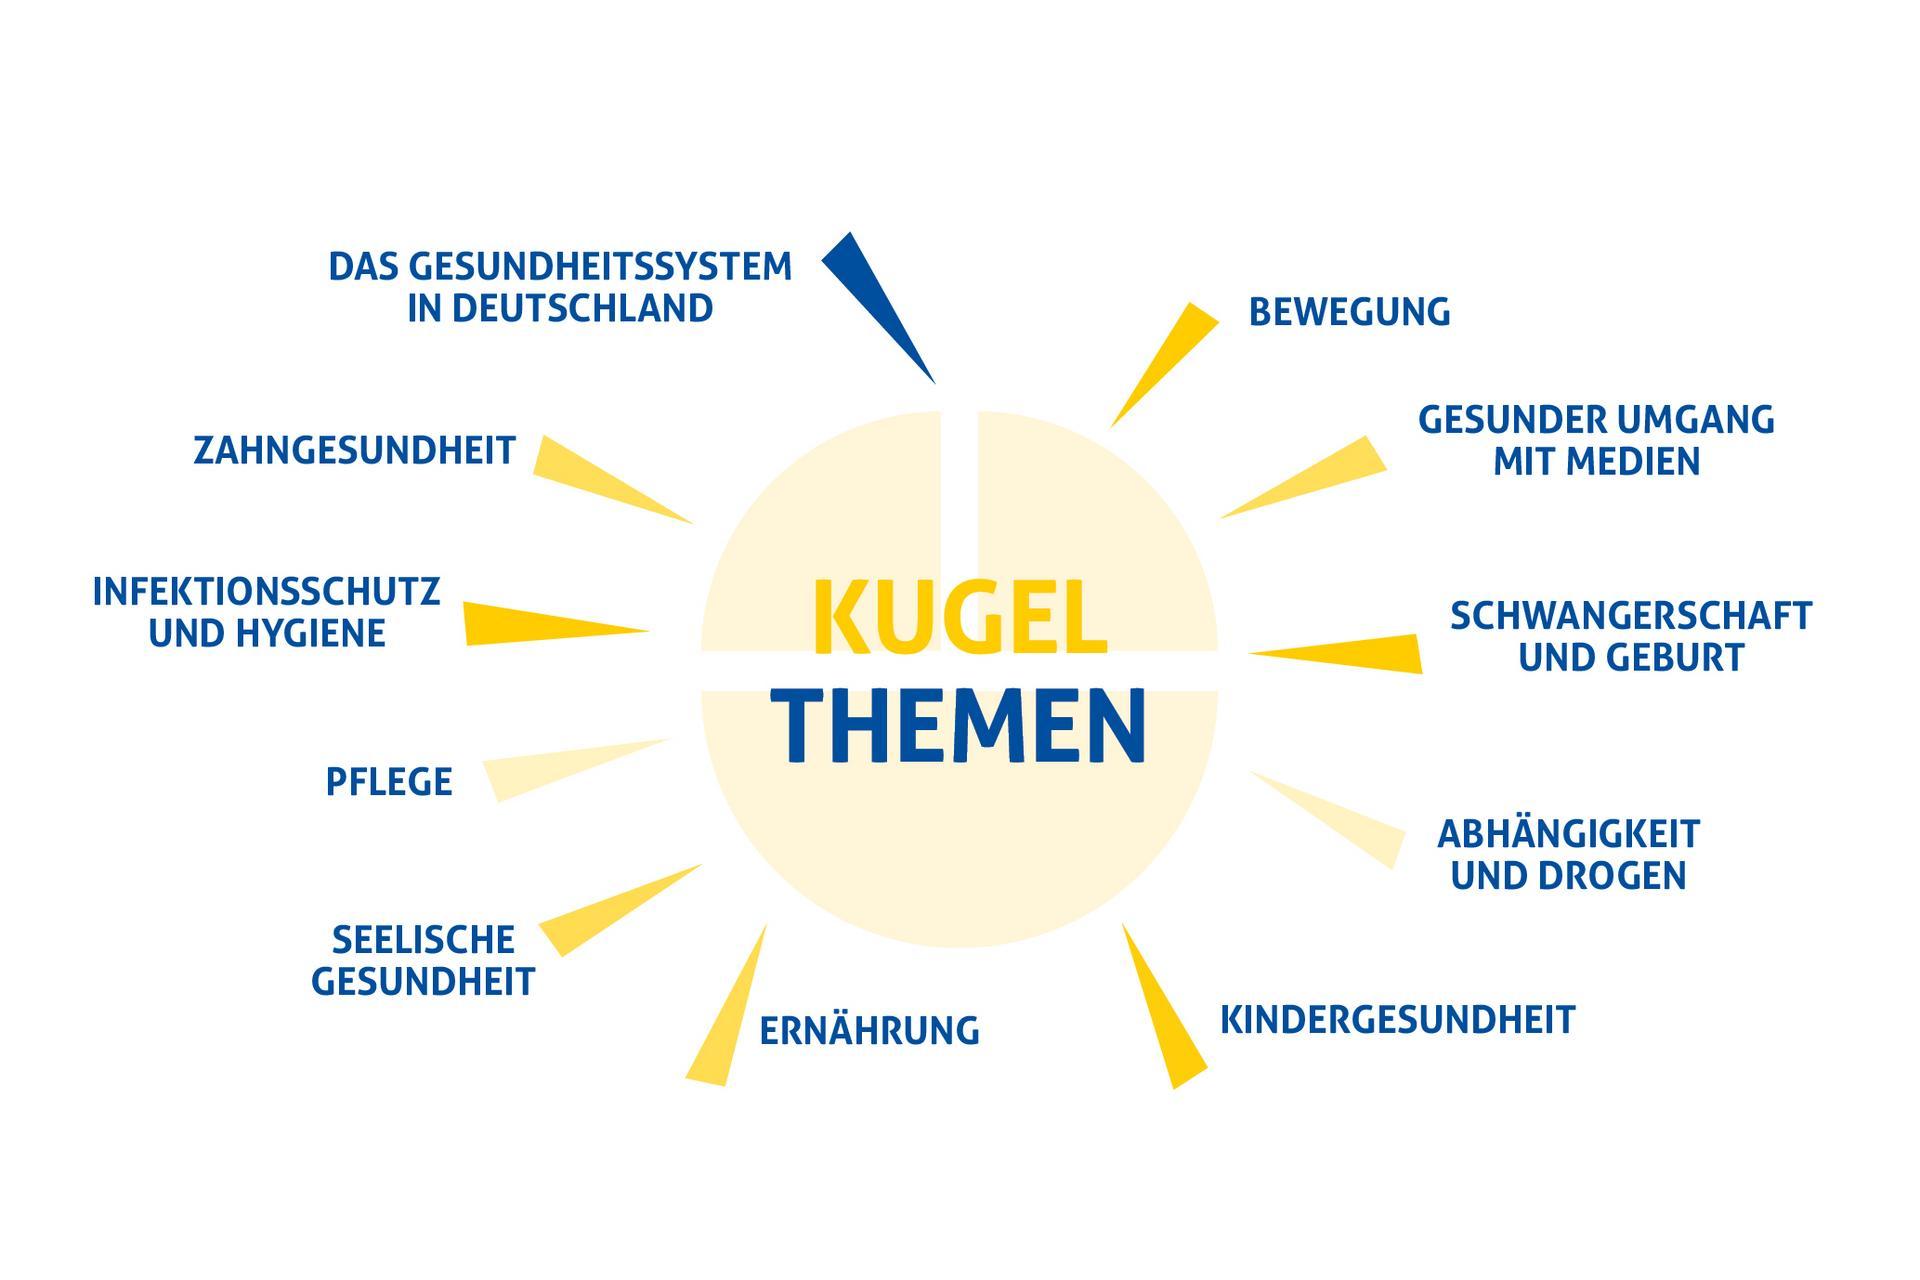 sonnenähnliches Mindmap mit den KuGeL-Themen